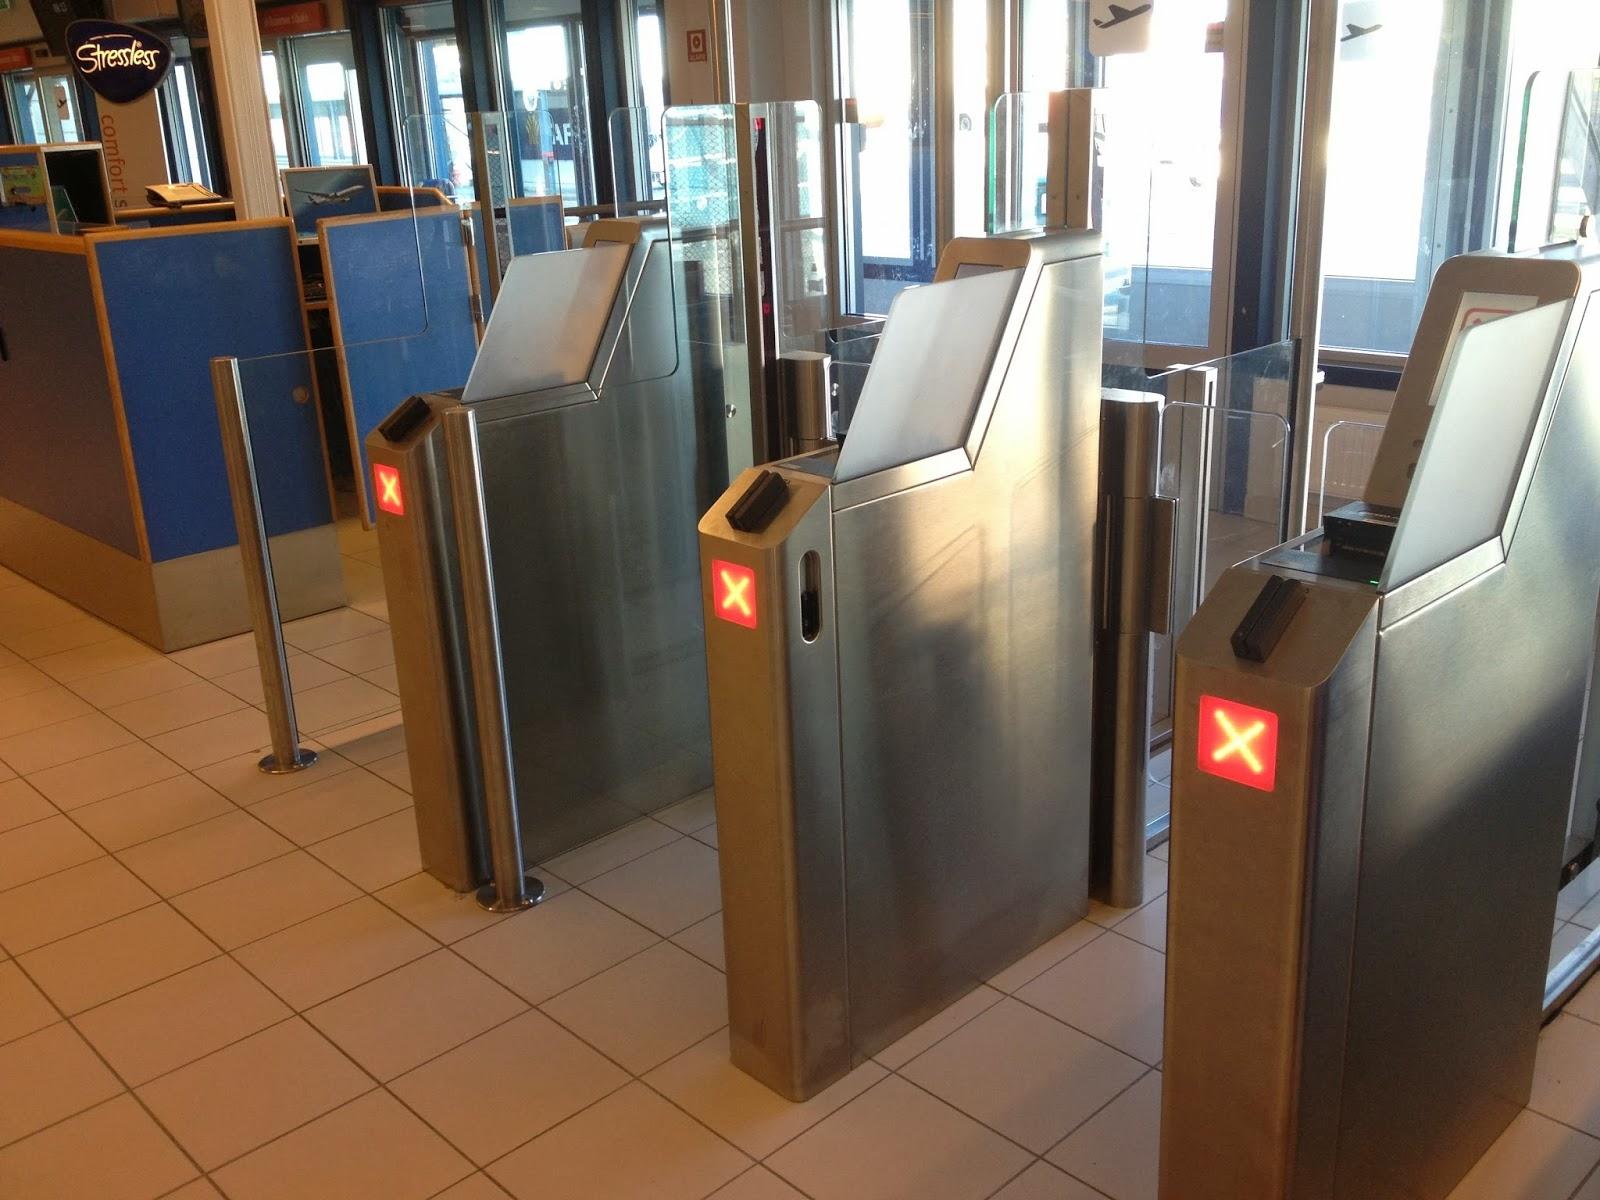 Ameaça encerrou dez portas de embarque no Aeroporto de Copenhaga